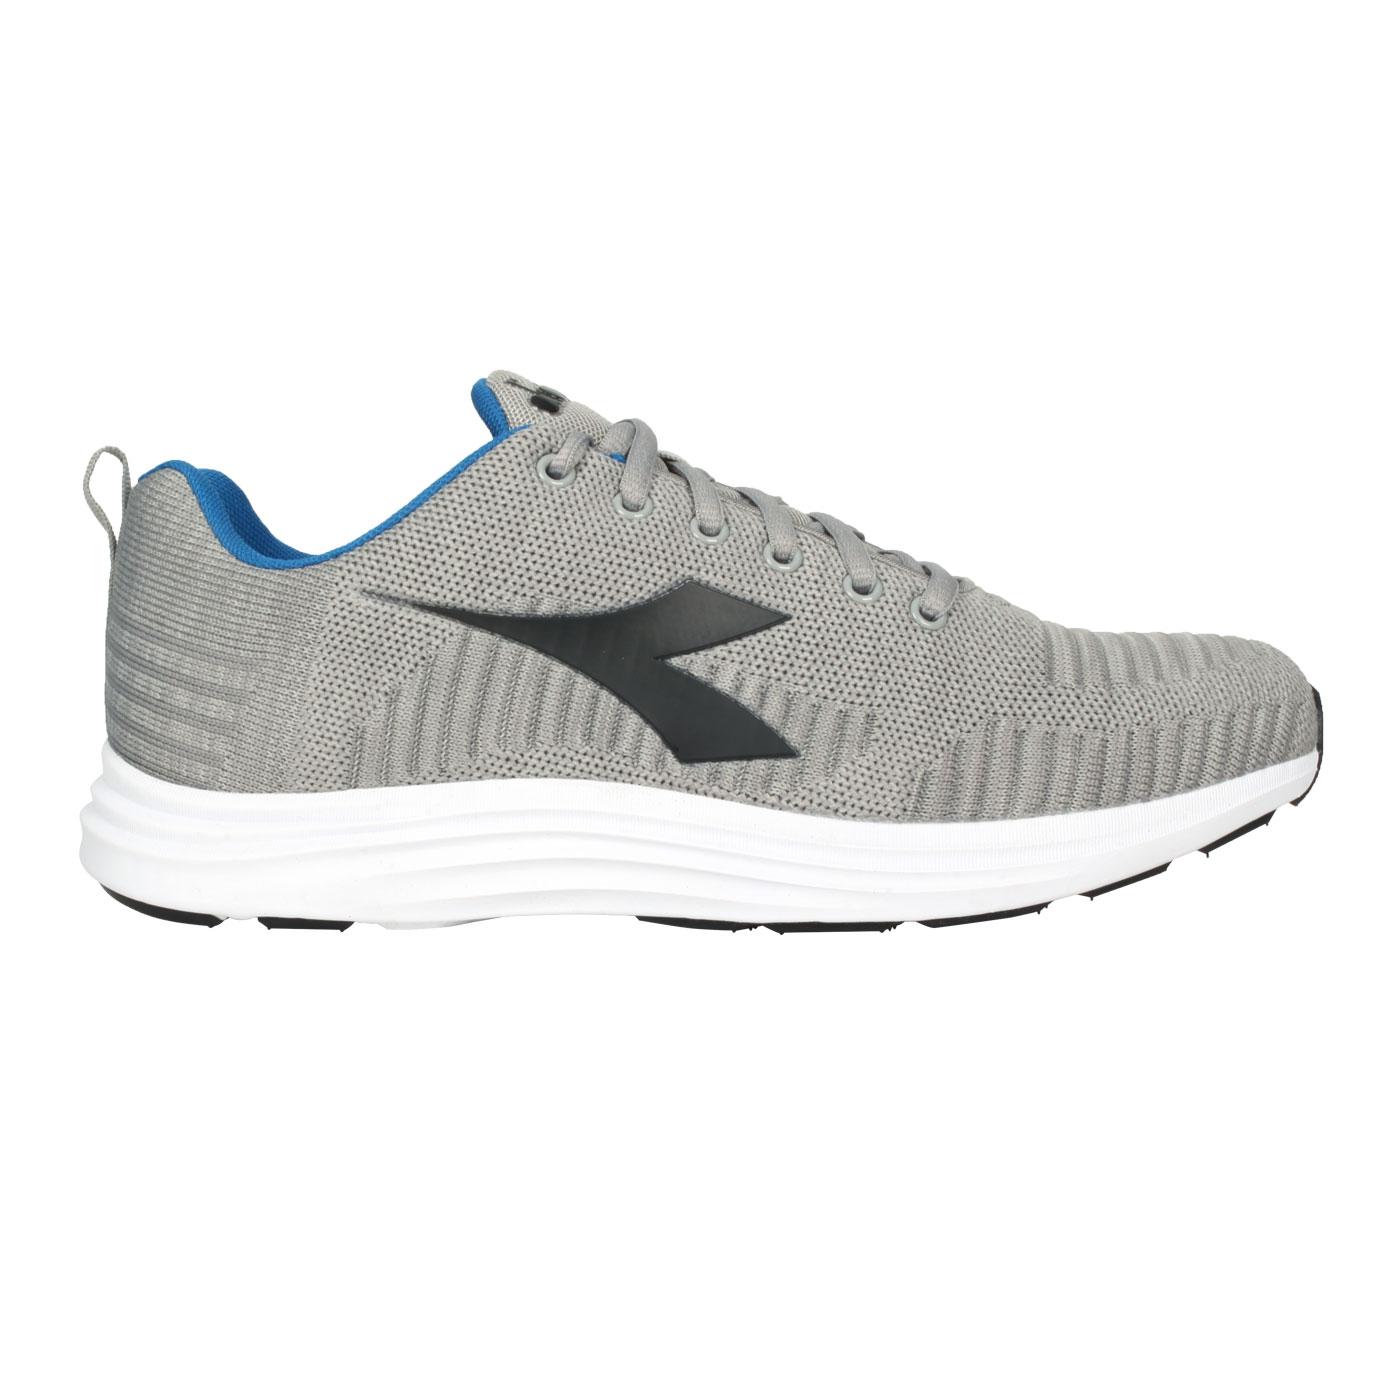 DIADORA 男款原廠進口慢跑鞋 DA176869-C4785 - 灰黑藍